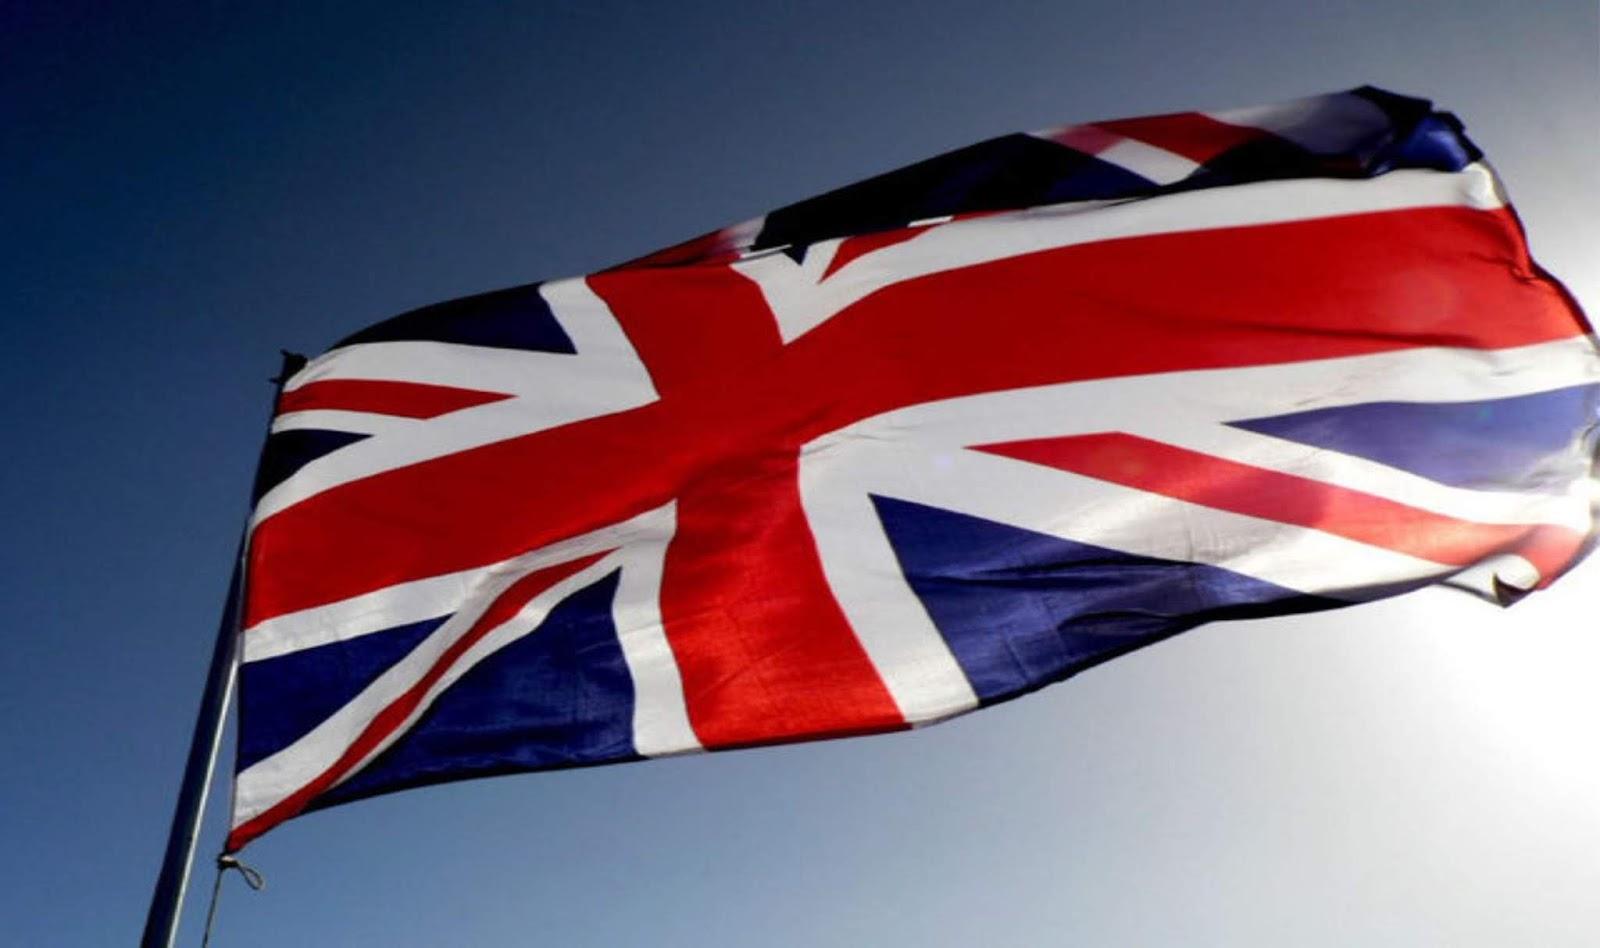 Norwegia menyatakan bahwa penempatan militer Inggris di negara itu sejalan dengan rencana